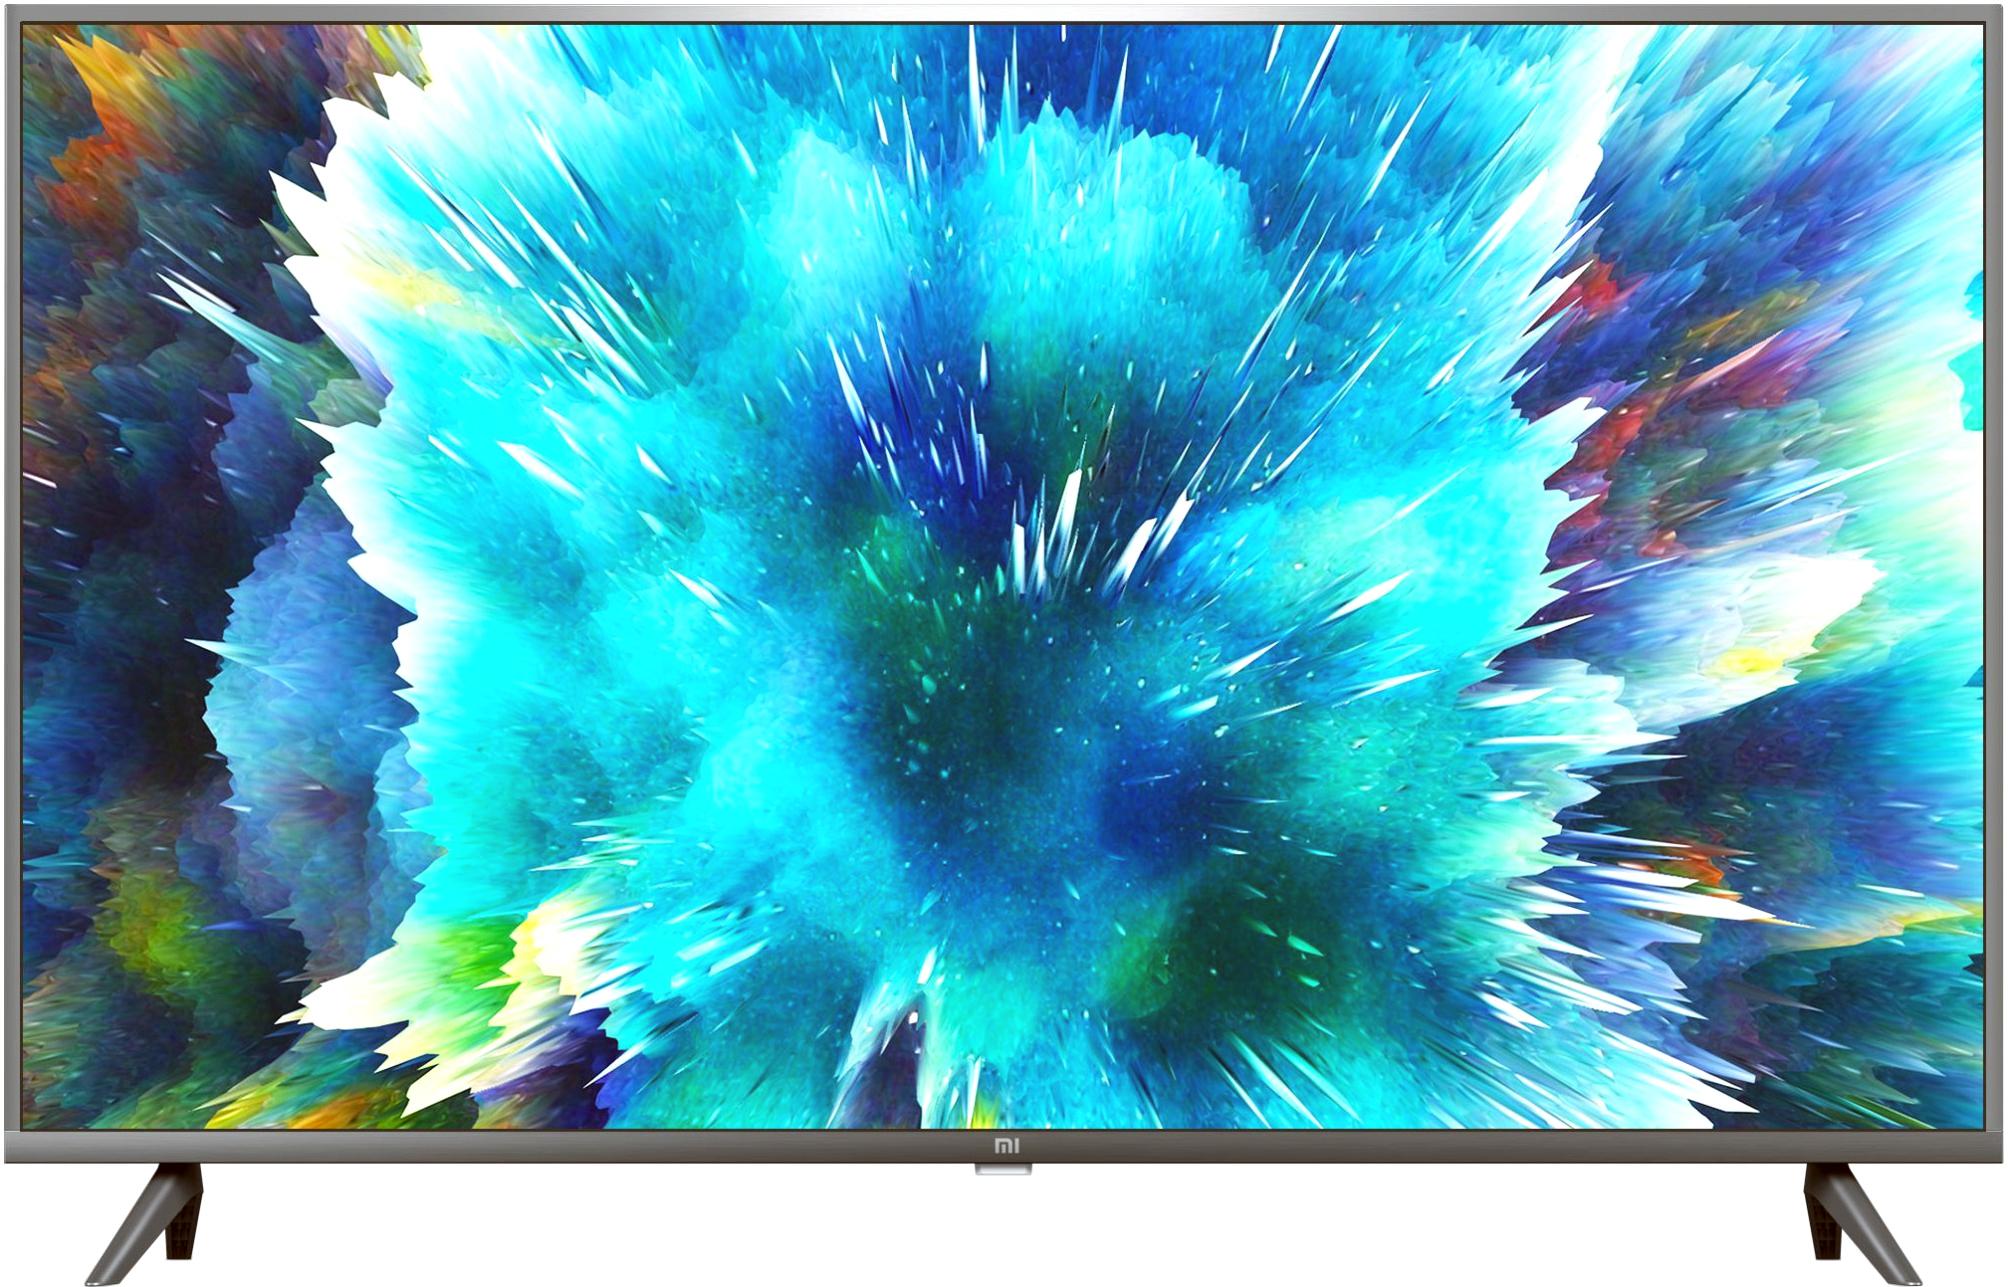 Xiaomi Mi TV 4A 43 T2 43